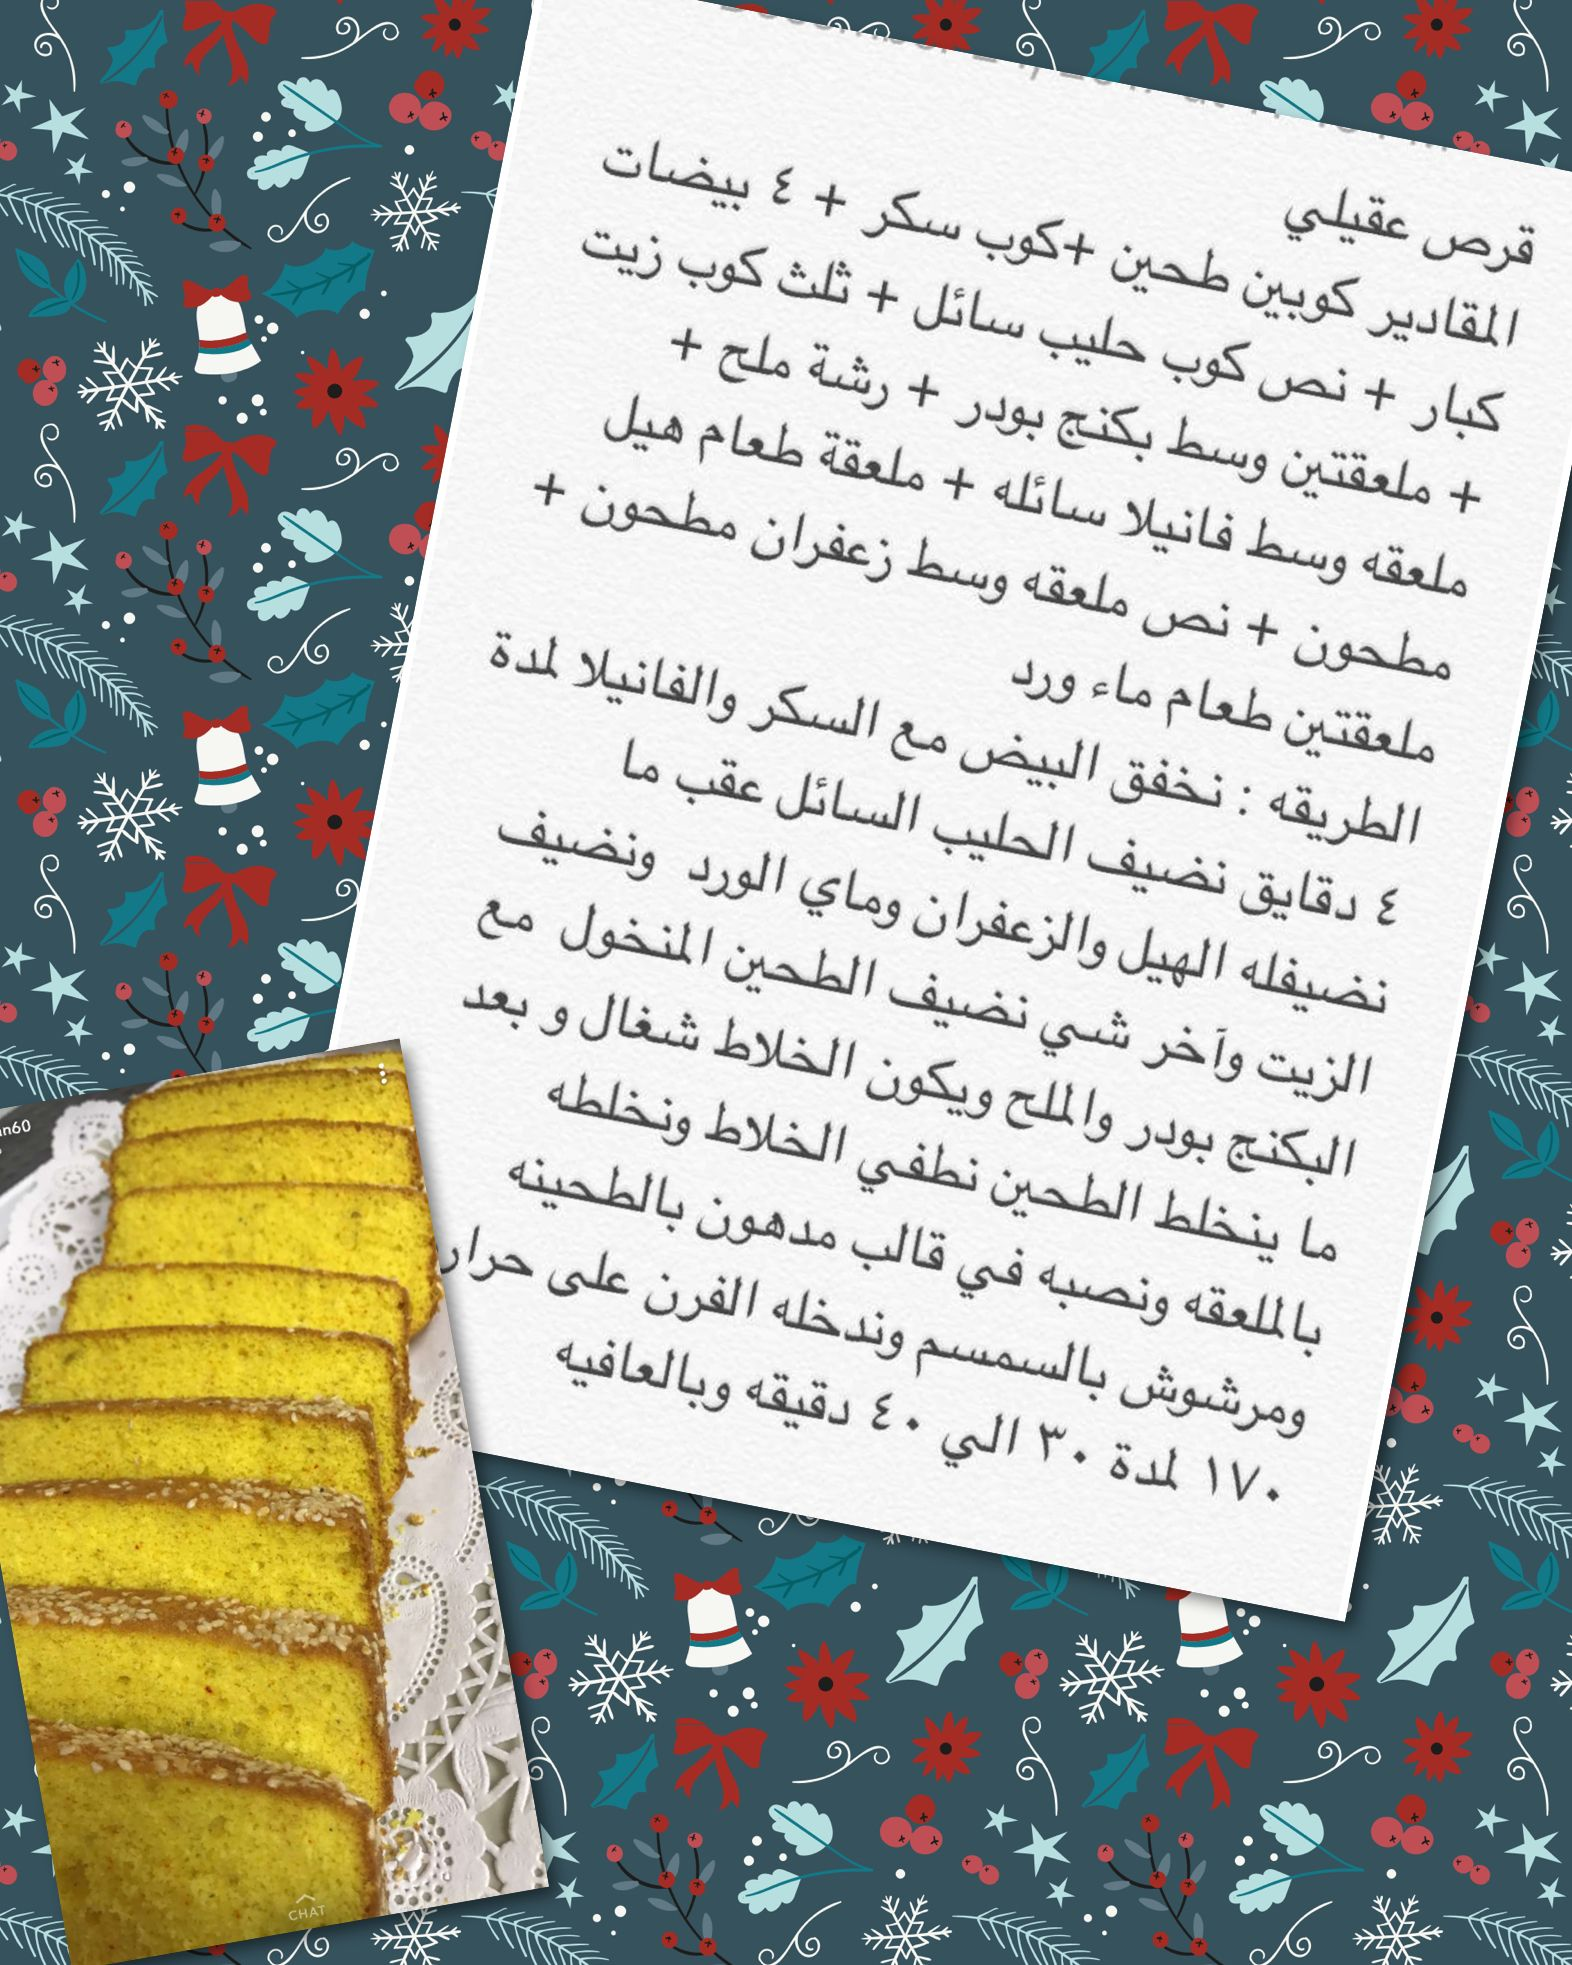 كيكة قرص عقيلي ام حنان Cookout Food Arabic Food Sweets